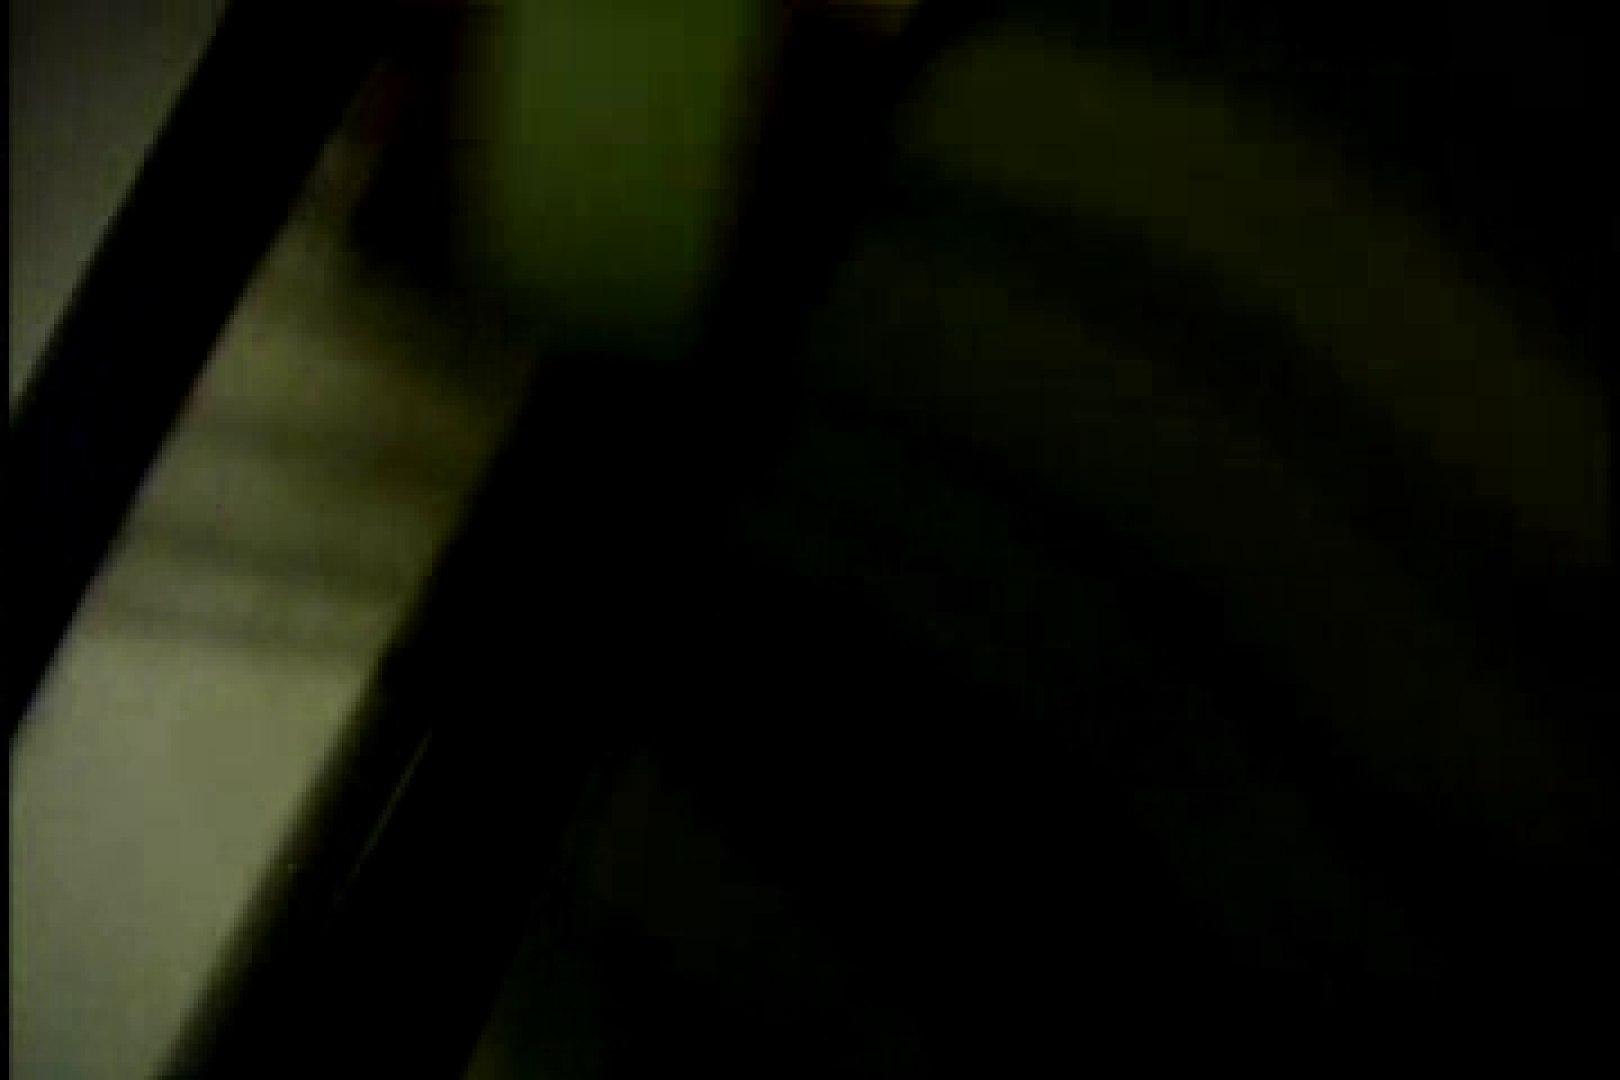 オナ好きノンケテニス部員の自画撮り投稿vol.05 射精天国 ゲイフリーエロ画像 64pic 23